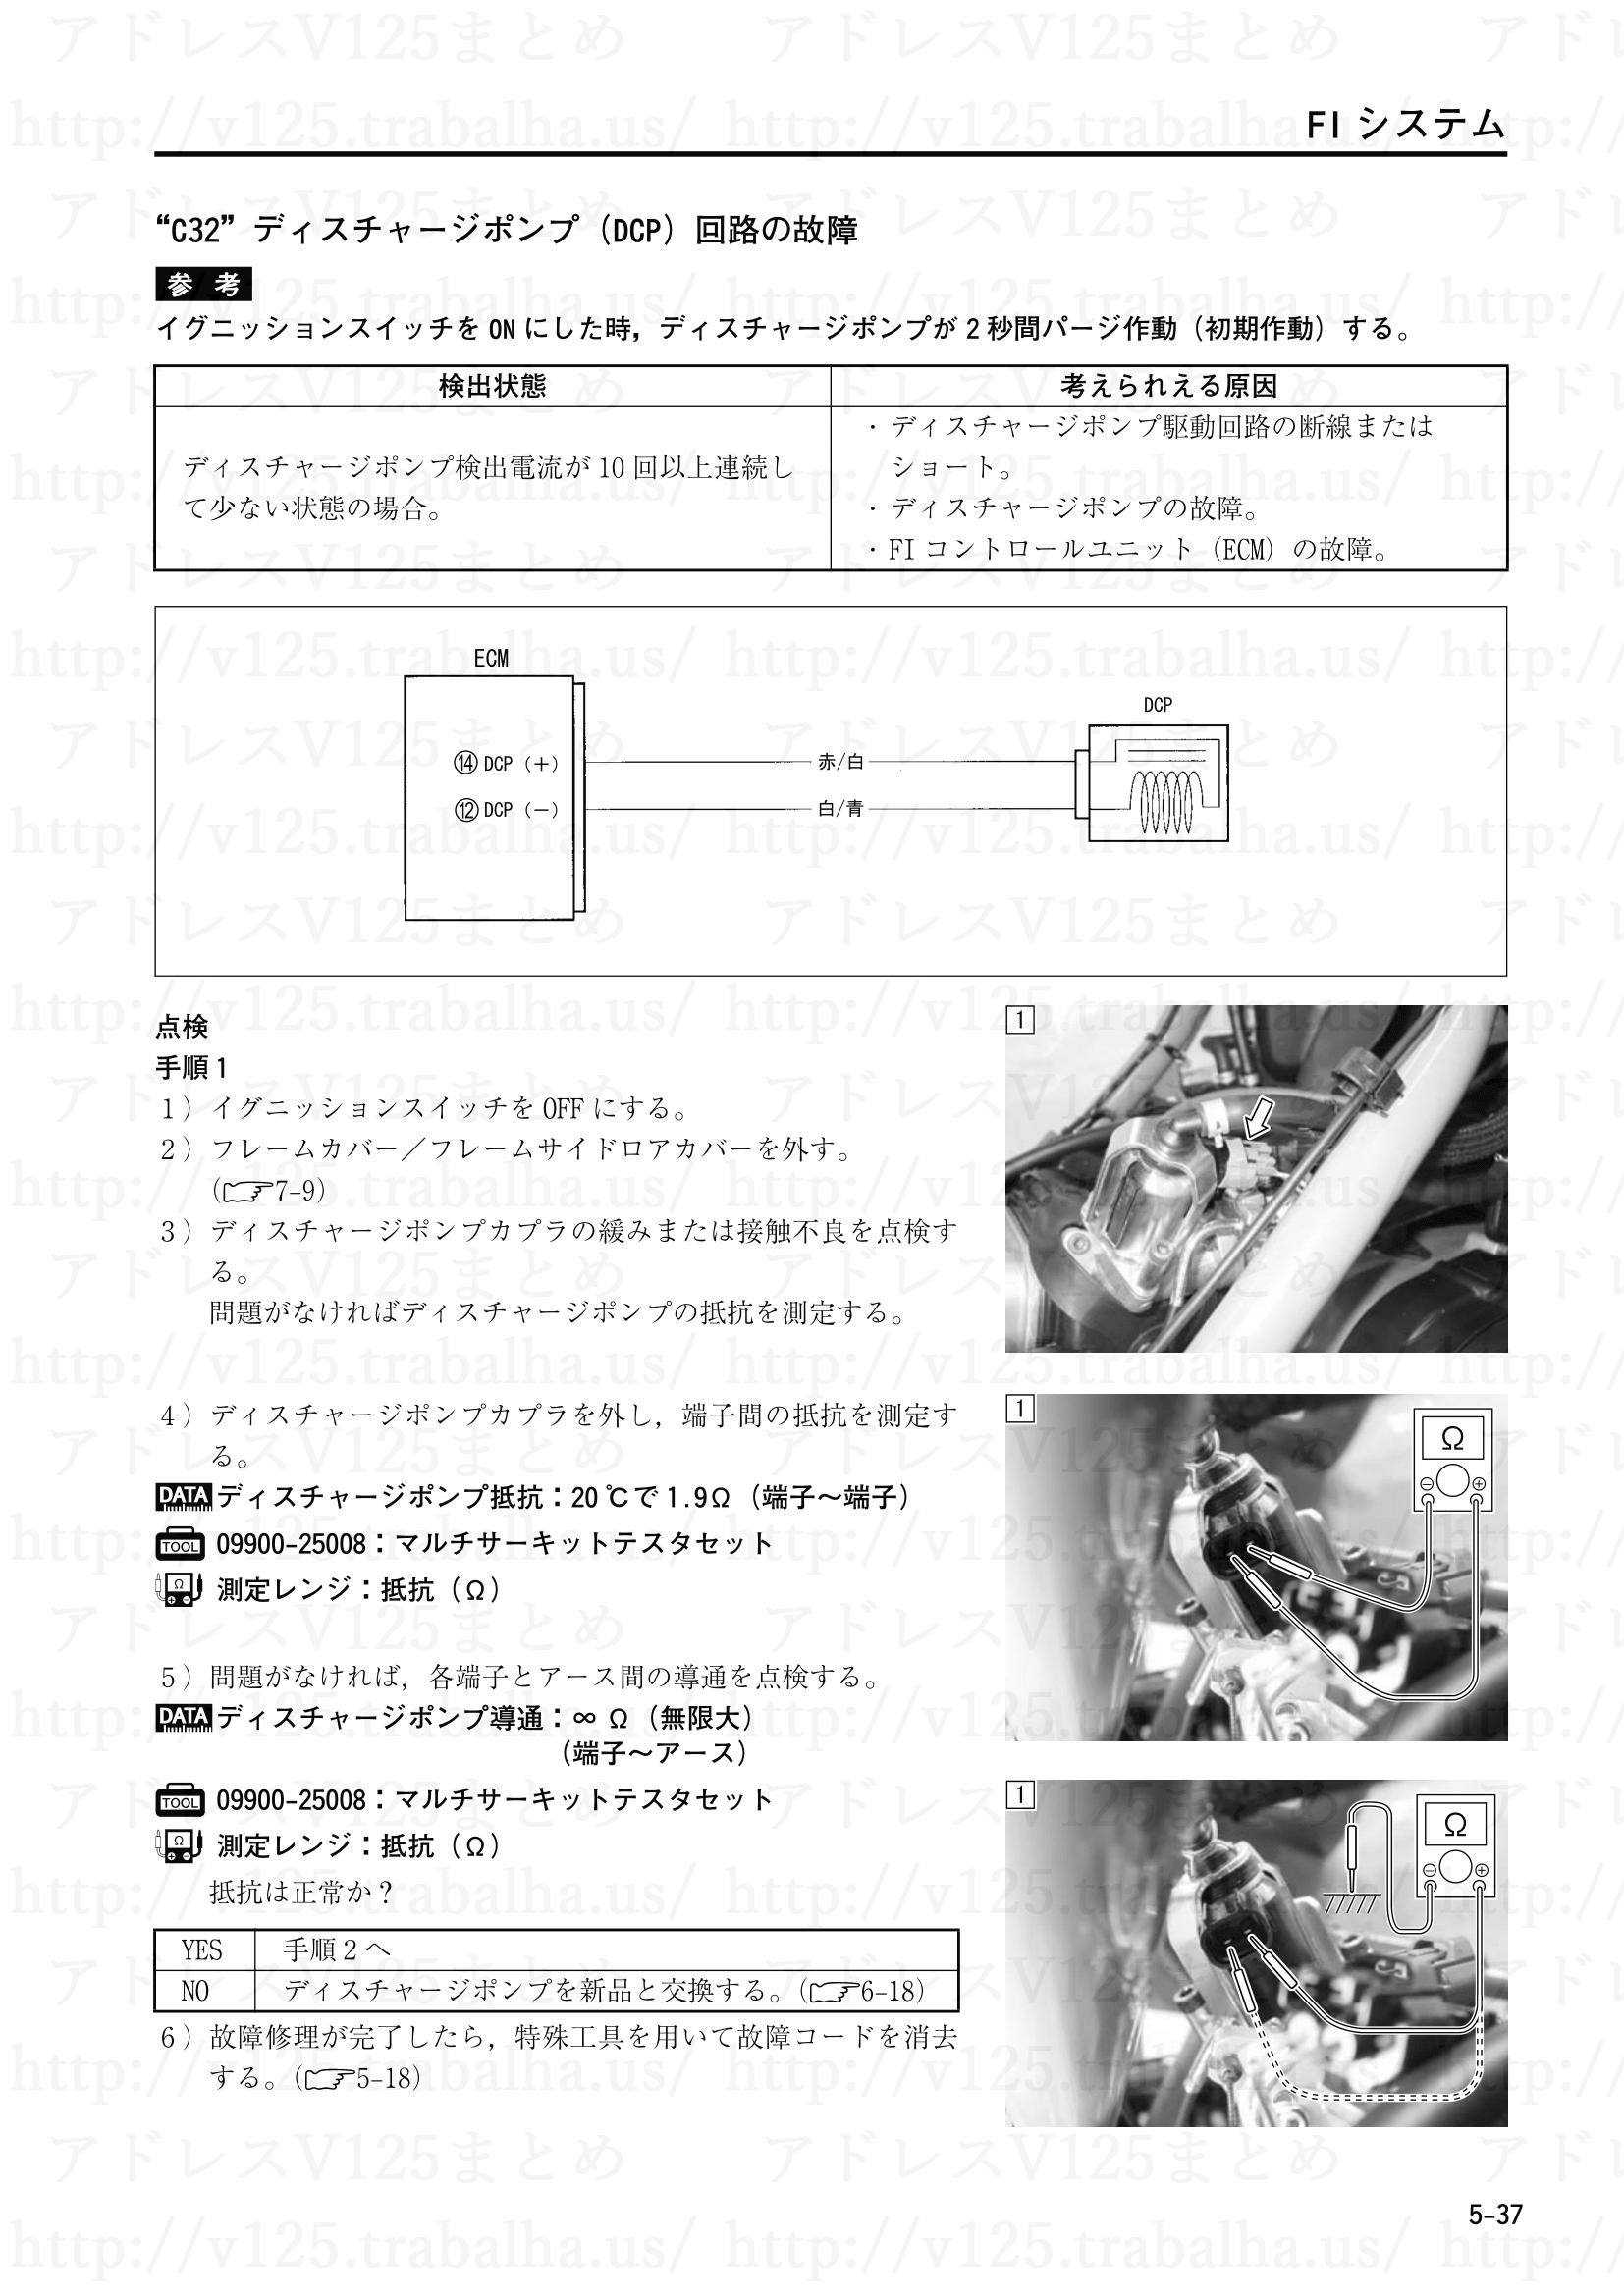 """5-37【FIシステム】""""C32""""ディスチャージポンプ(DCP)回路の故障1"""